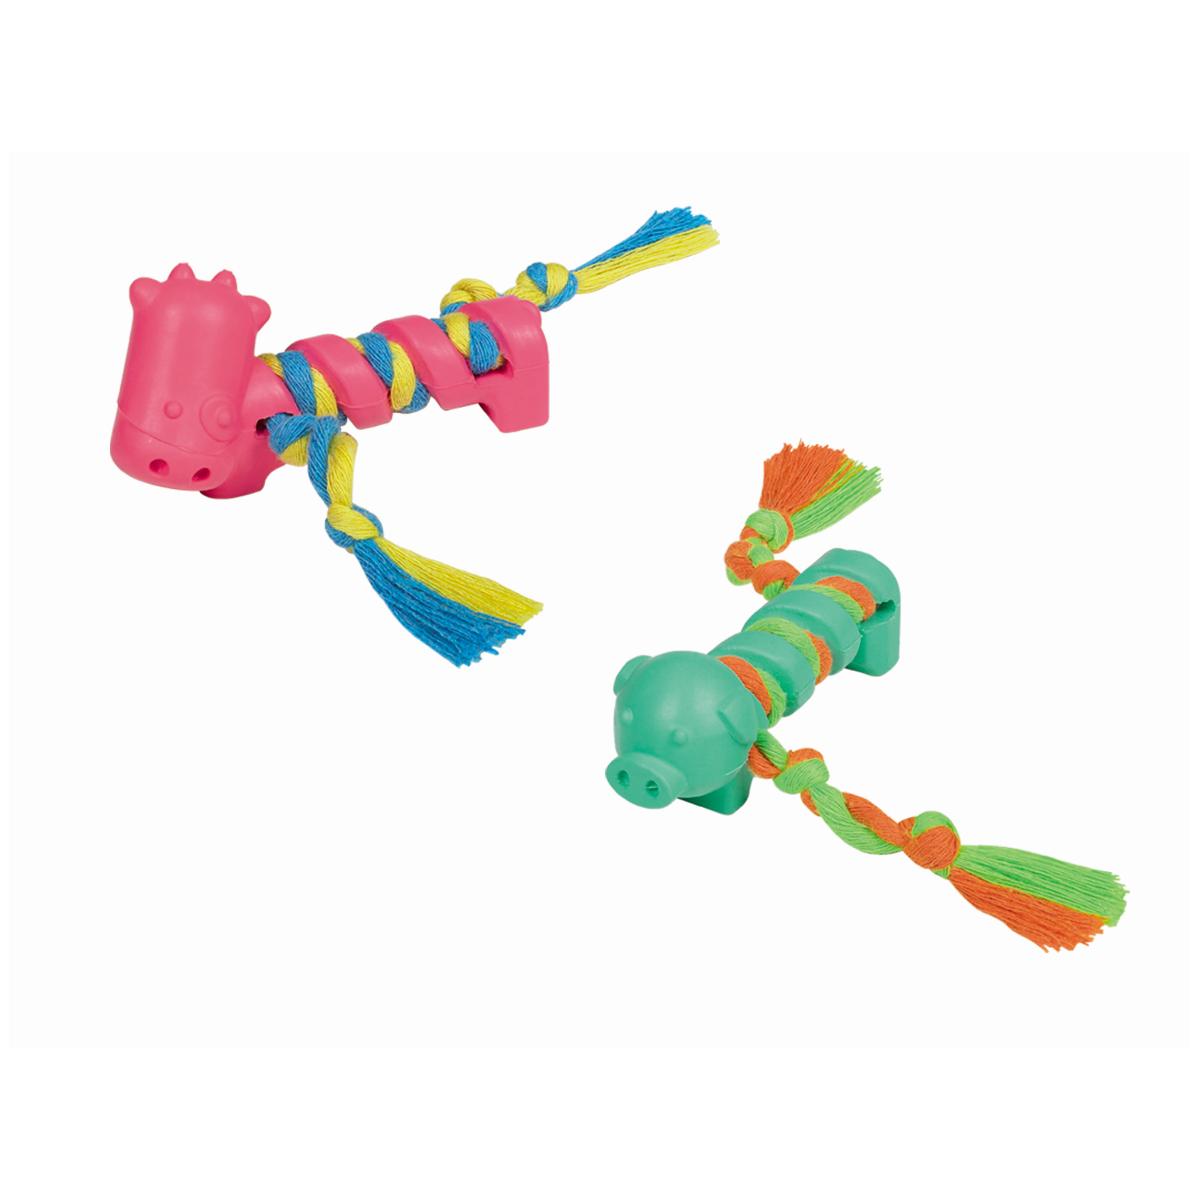 Rubber speeltje met touw lichtblauw 3 st